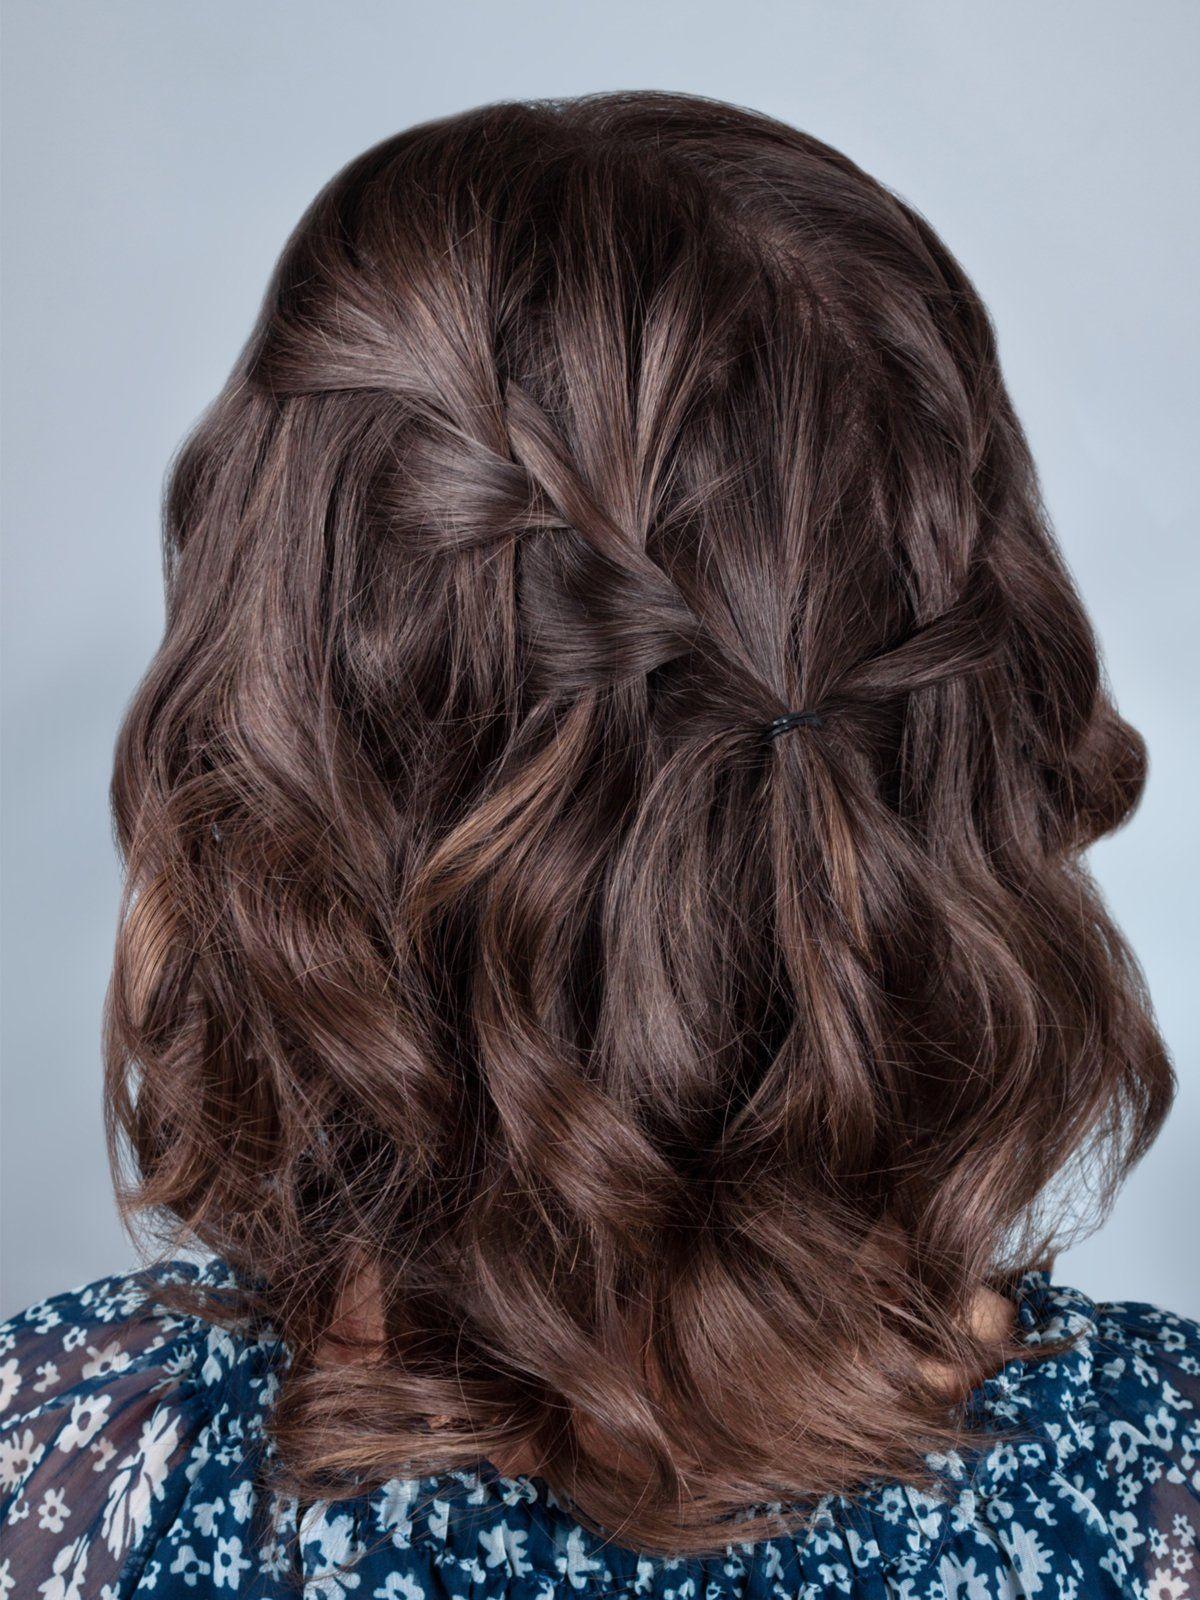 Schön schlicht: Diese Frisur für mittellange lockige Haare wird